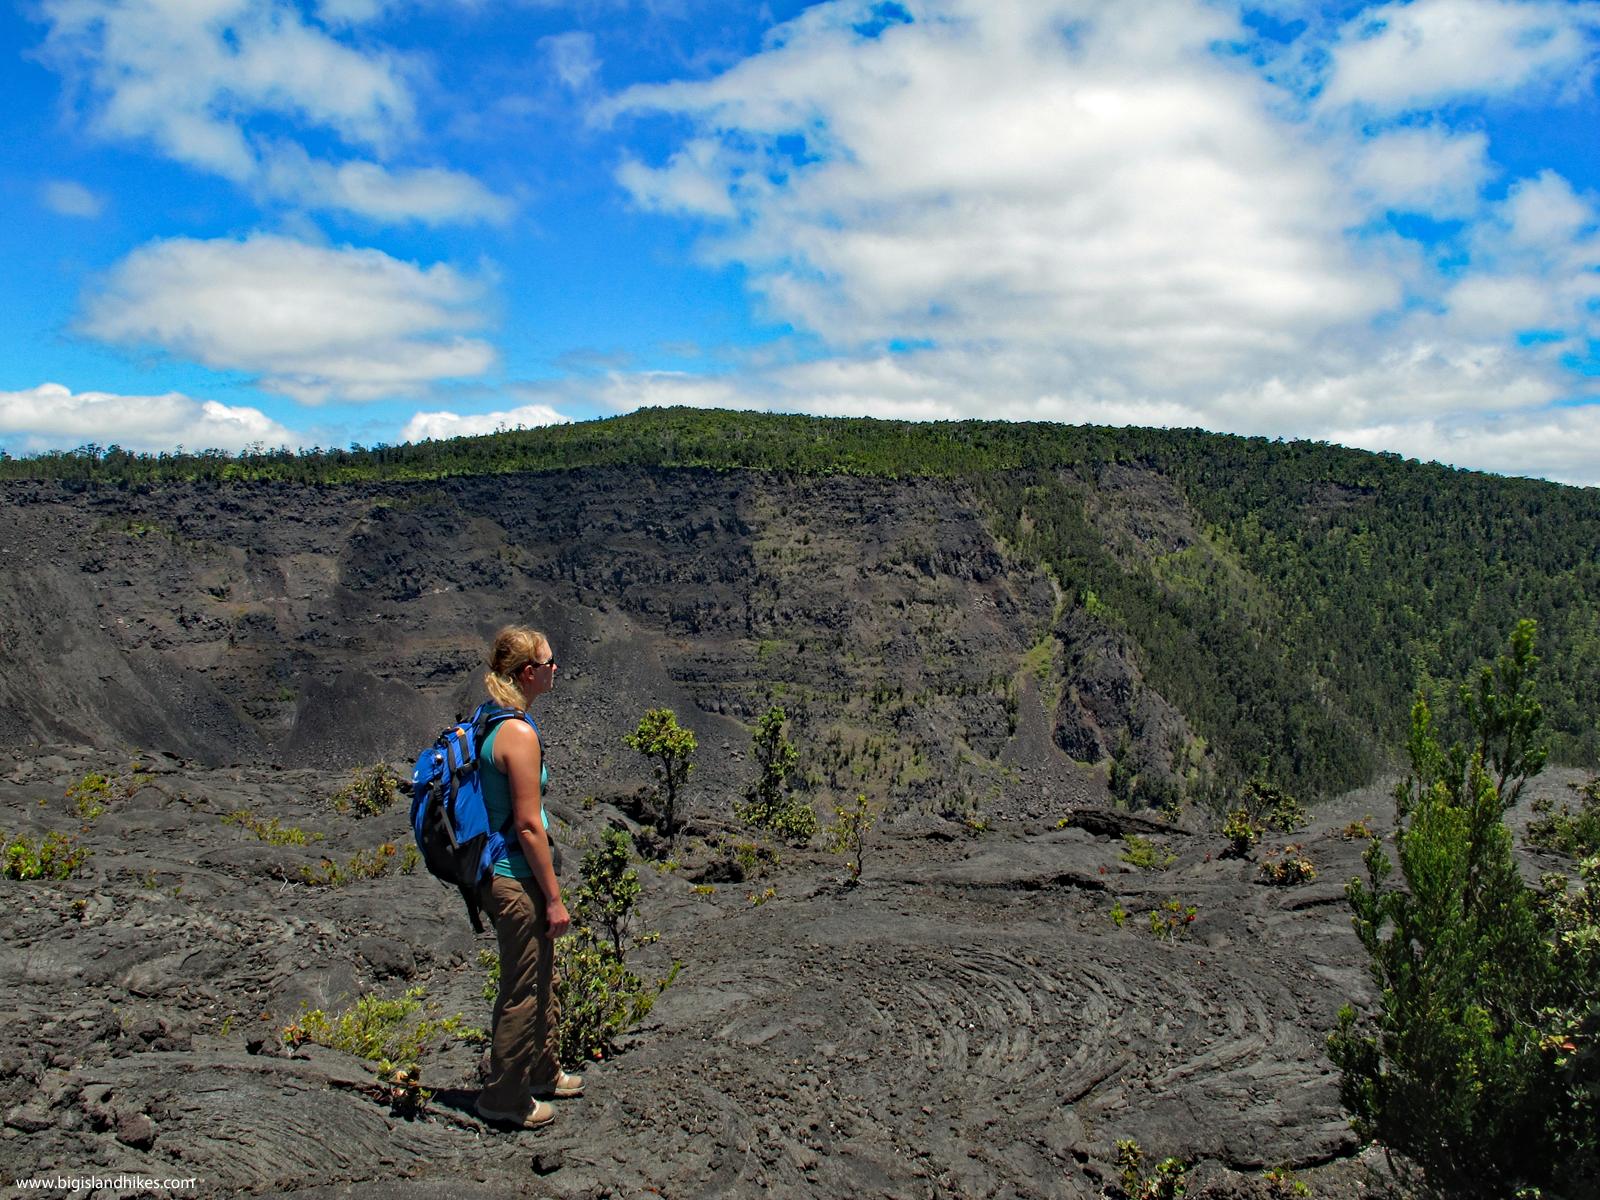 Nāpau Trail